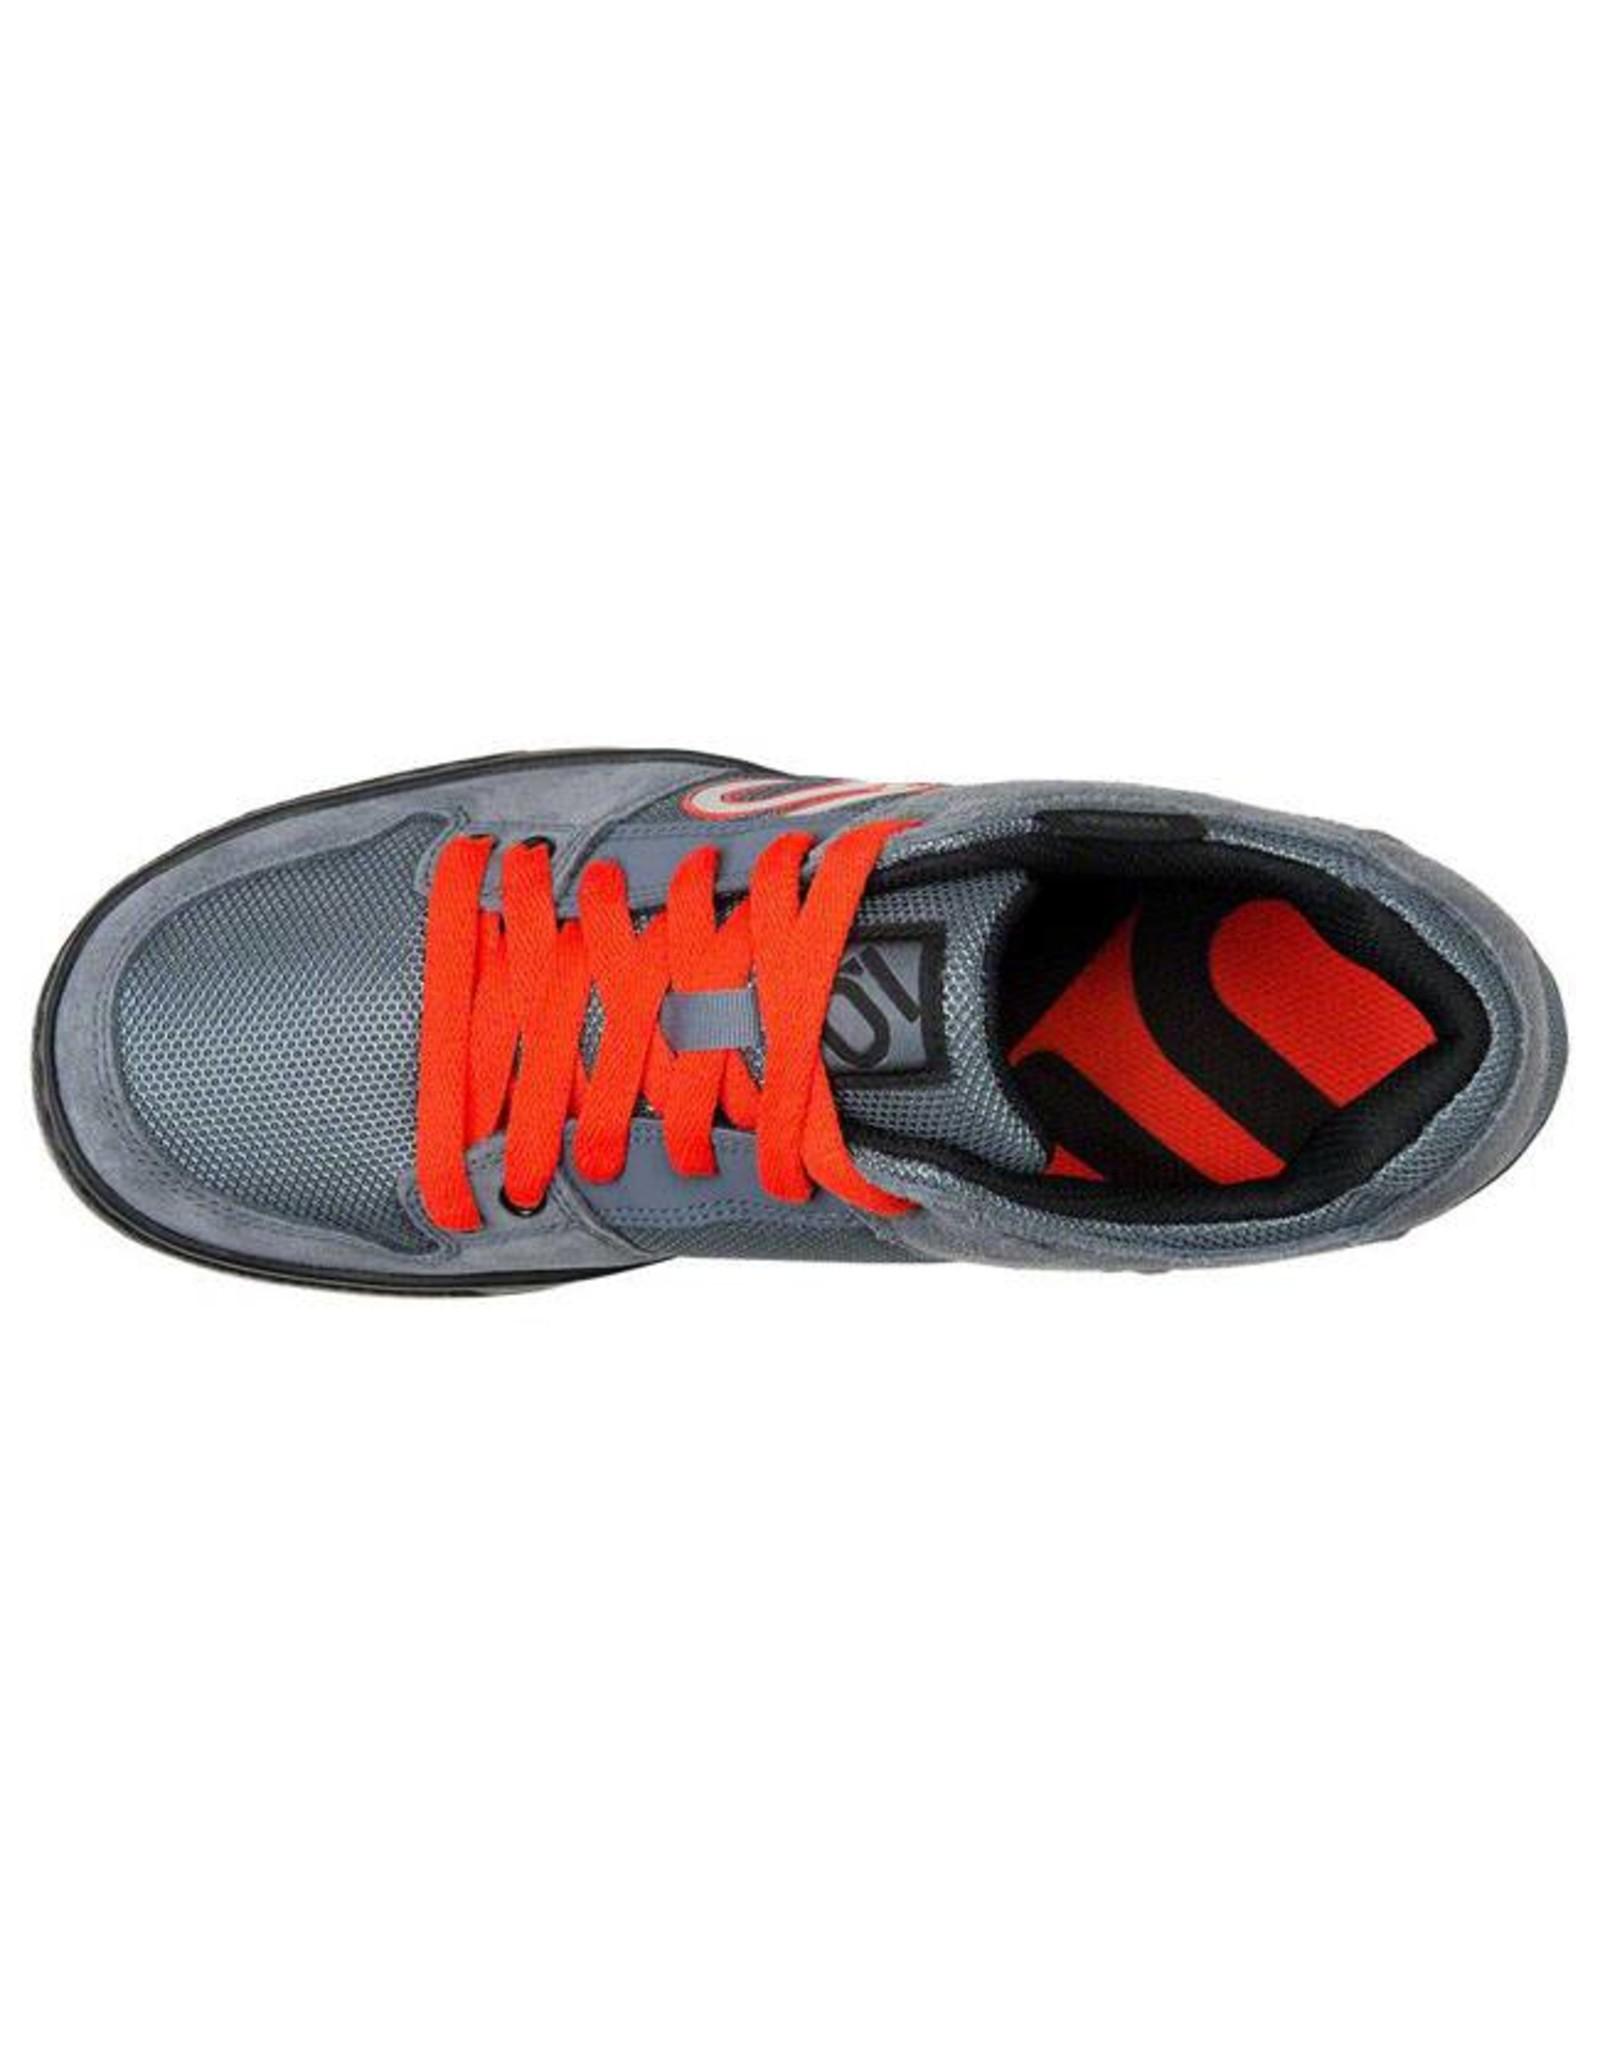 Five Ten Five Ten Freerider Men's Flat Pedal Shoe: Gray/Orange 7.5